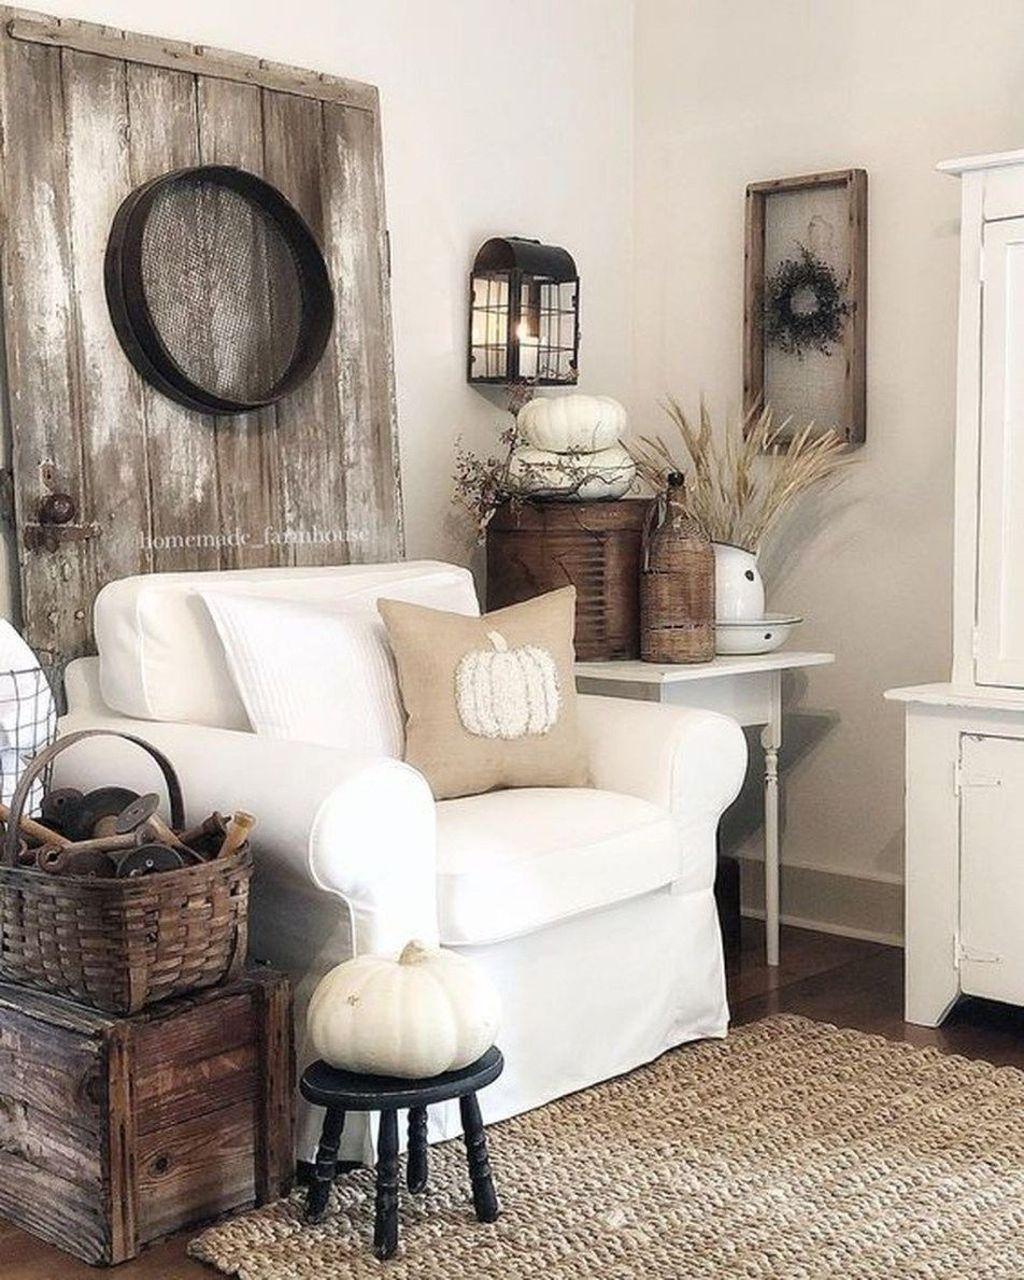 30 Gorgeous Country Farmhouse Decor Ideas For Living Room Trendedecor Farm House Living Room Farmhouse Decor Living Room French Country Living Room